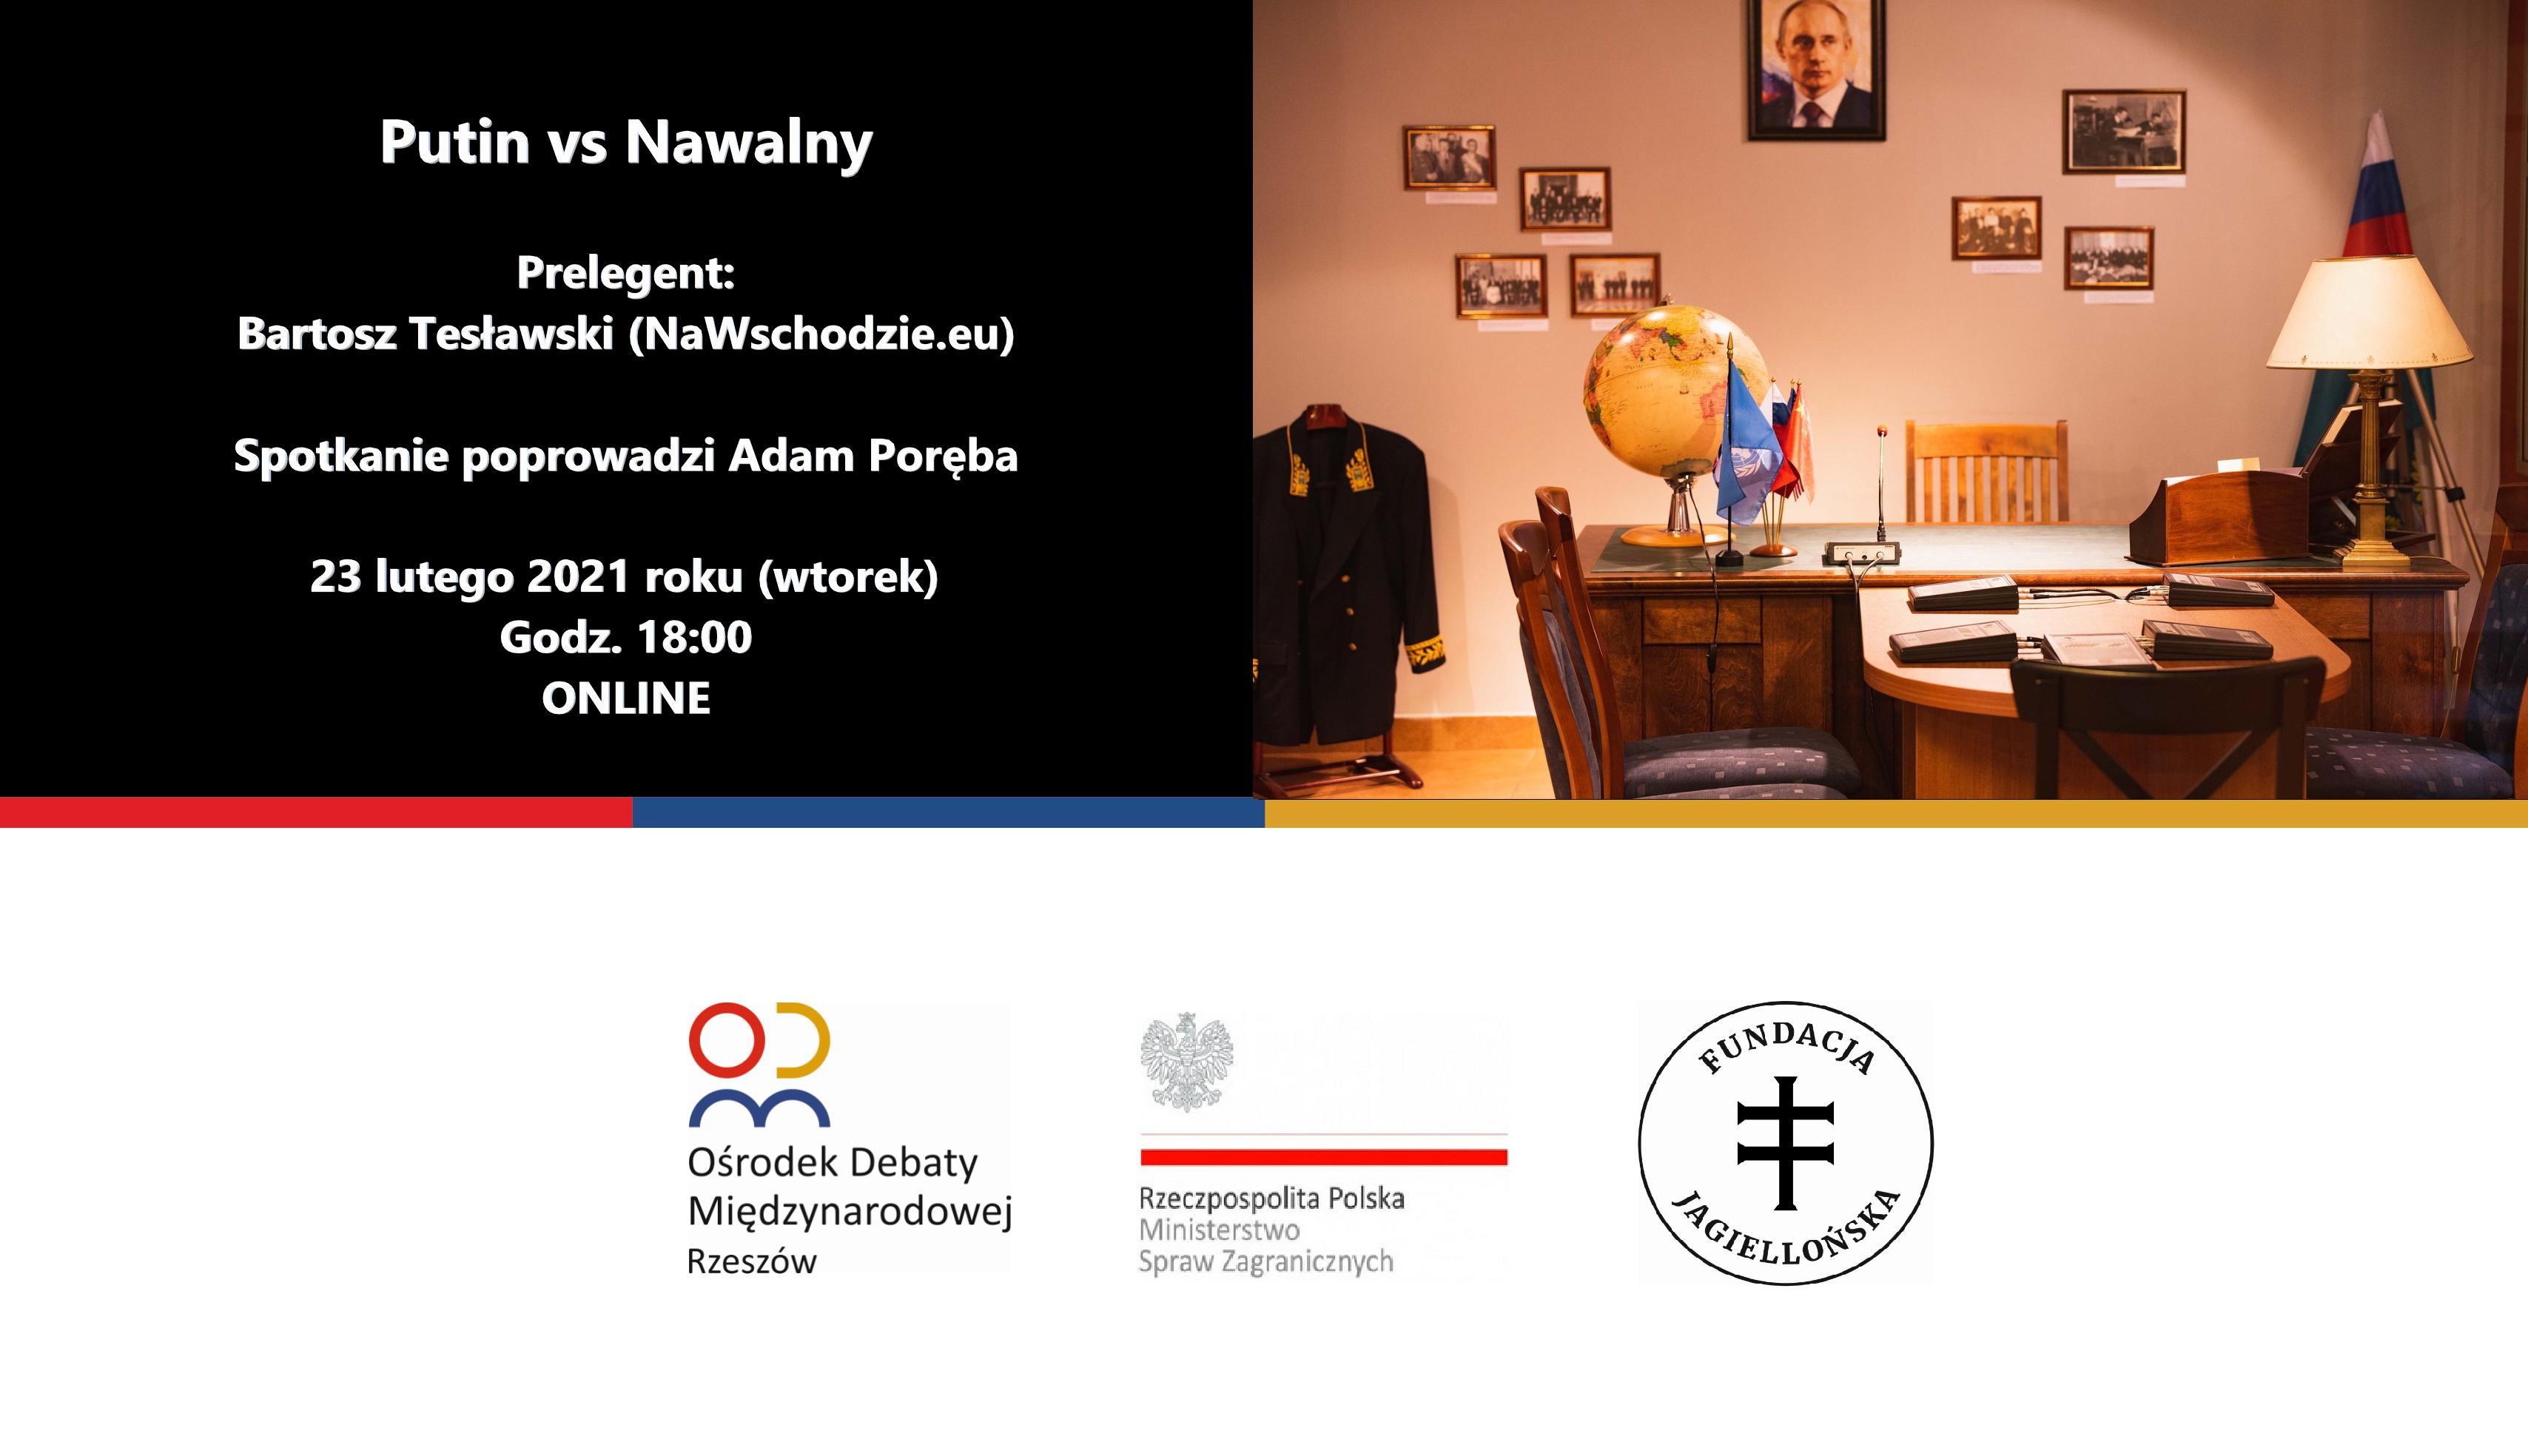 Putin vs Nawalny